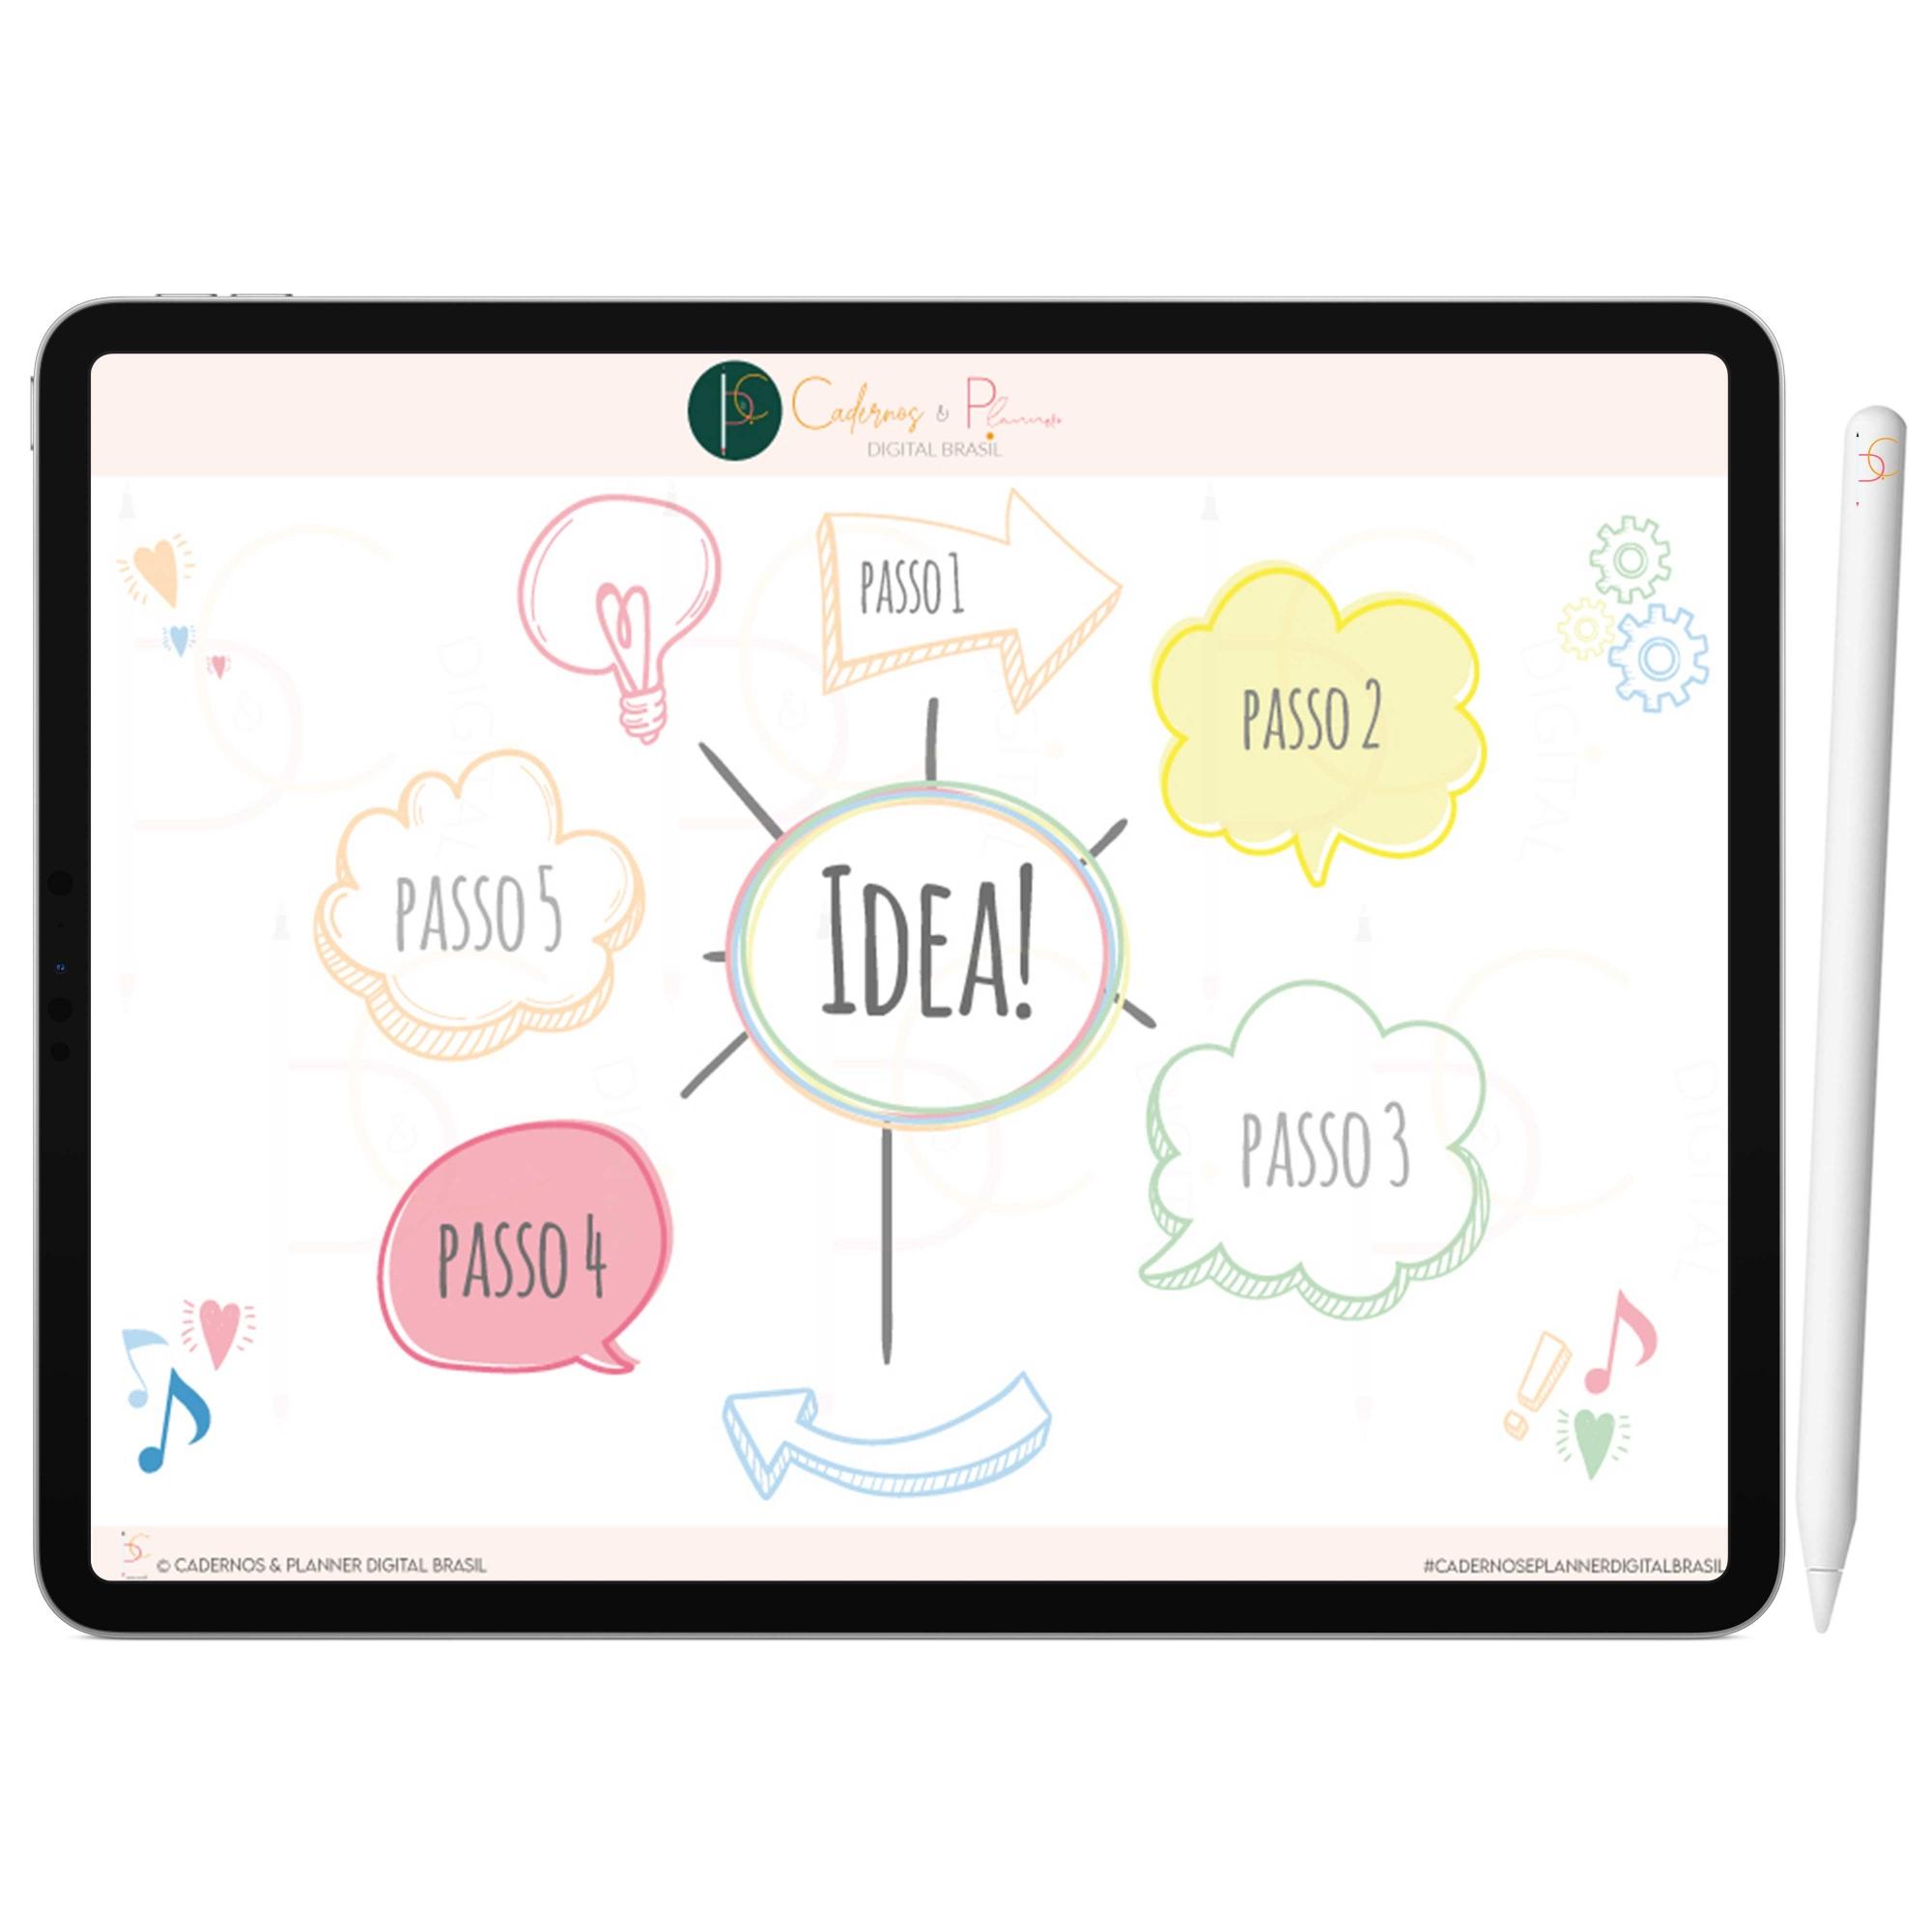 Adesivos Digital de Mapa Mental Arco-Íris | iPad Tablet | Download Instantâneo